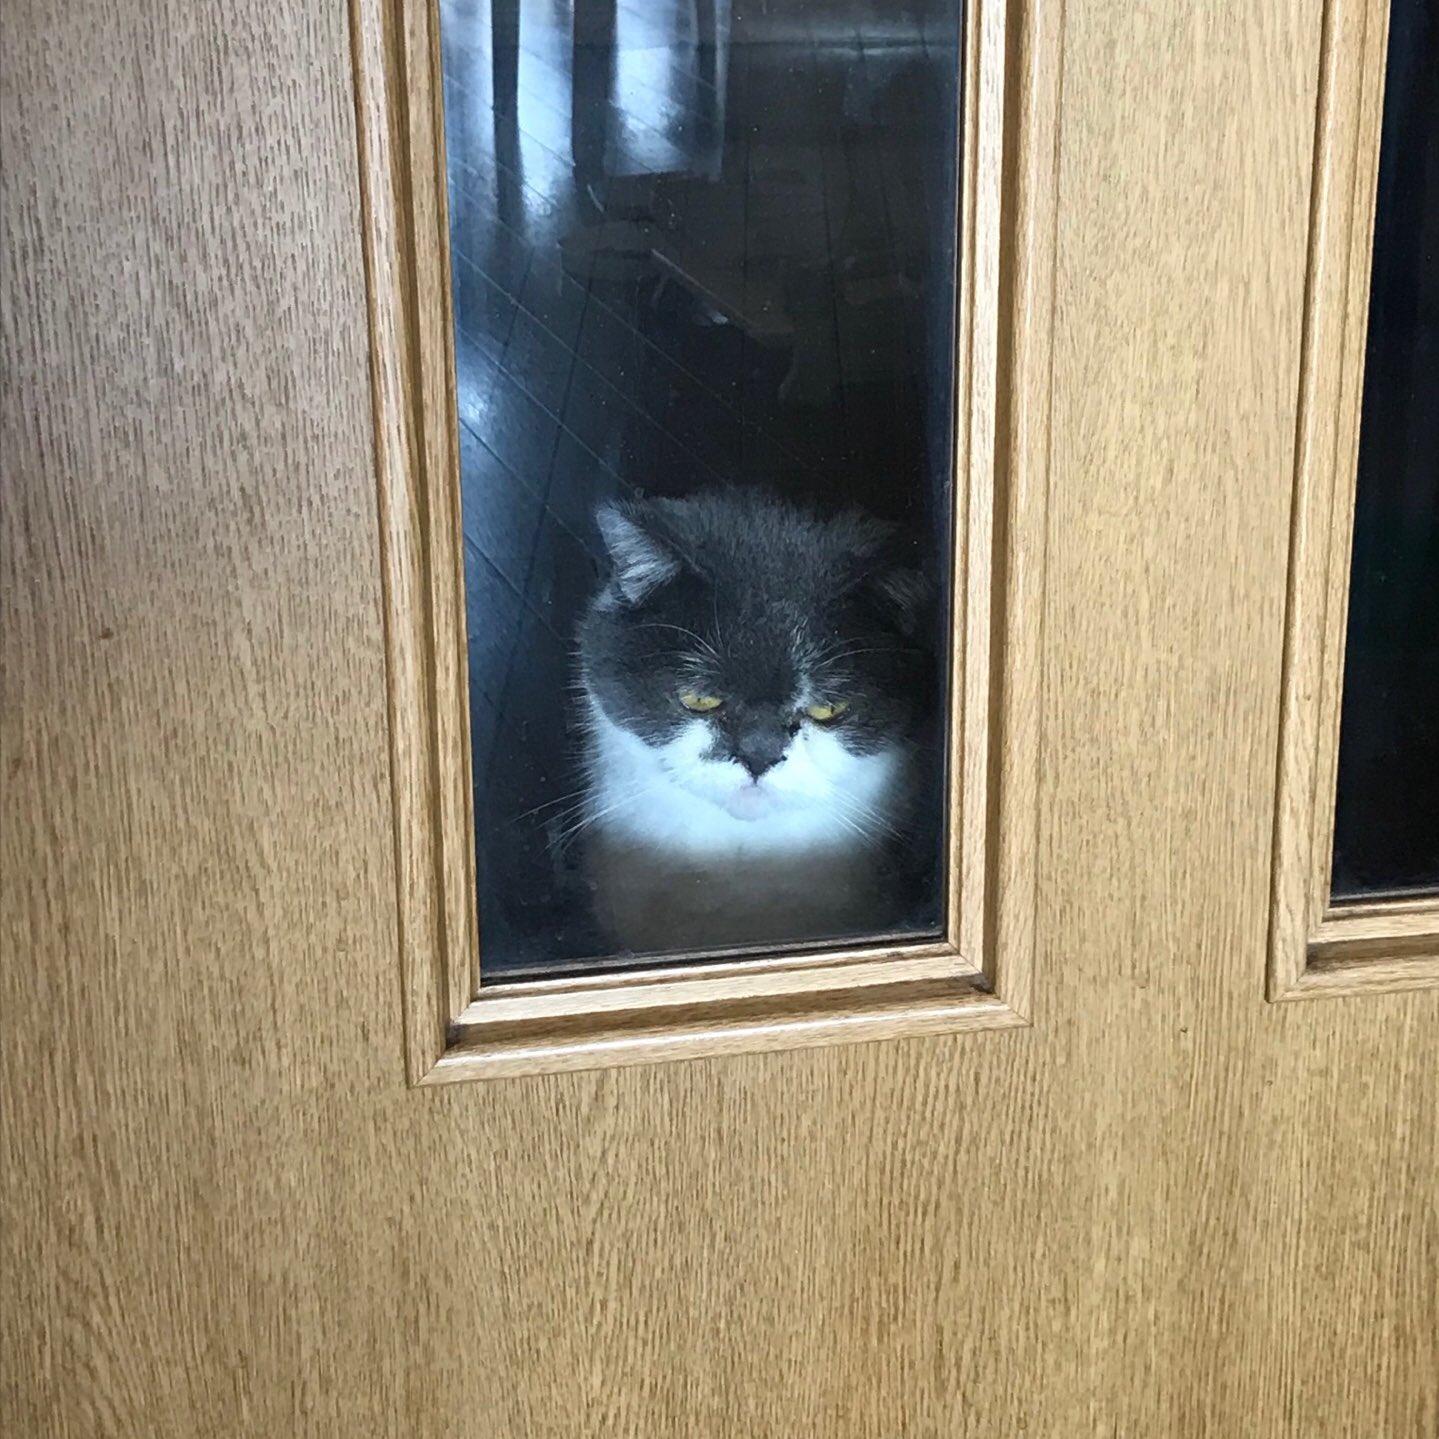 廊下にうちの猫が居ることを知らずに締め出してしまってから1時間後の顔...